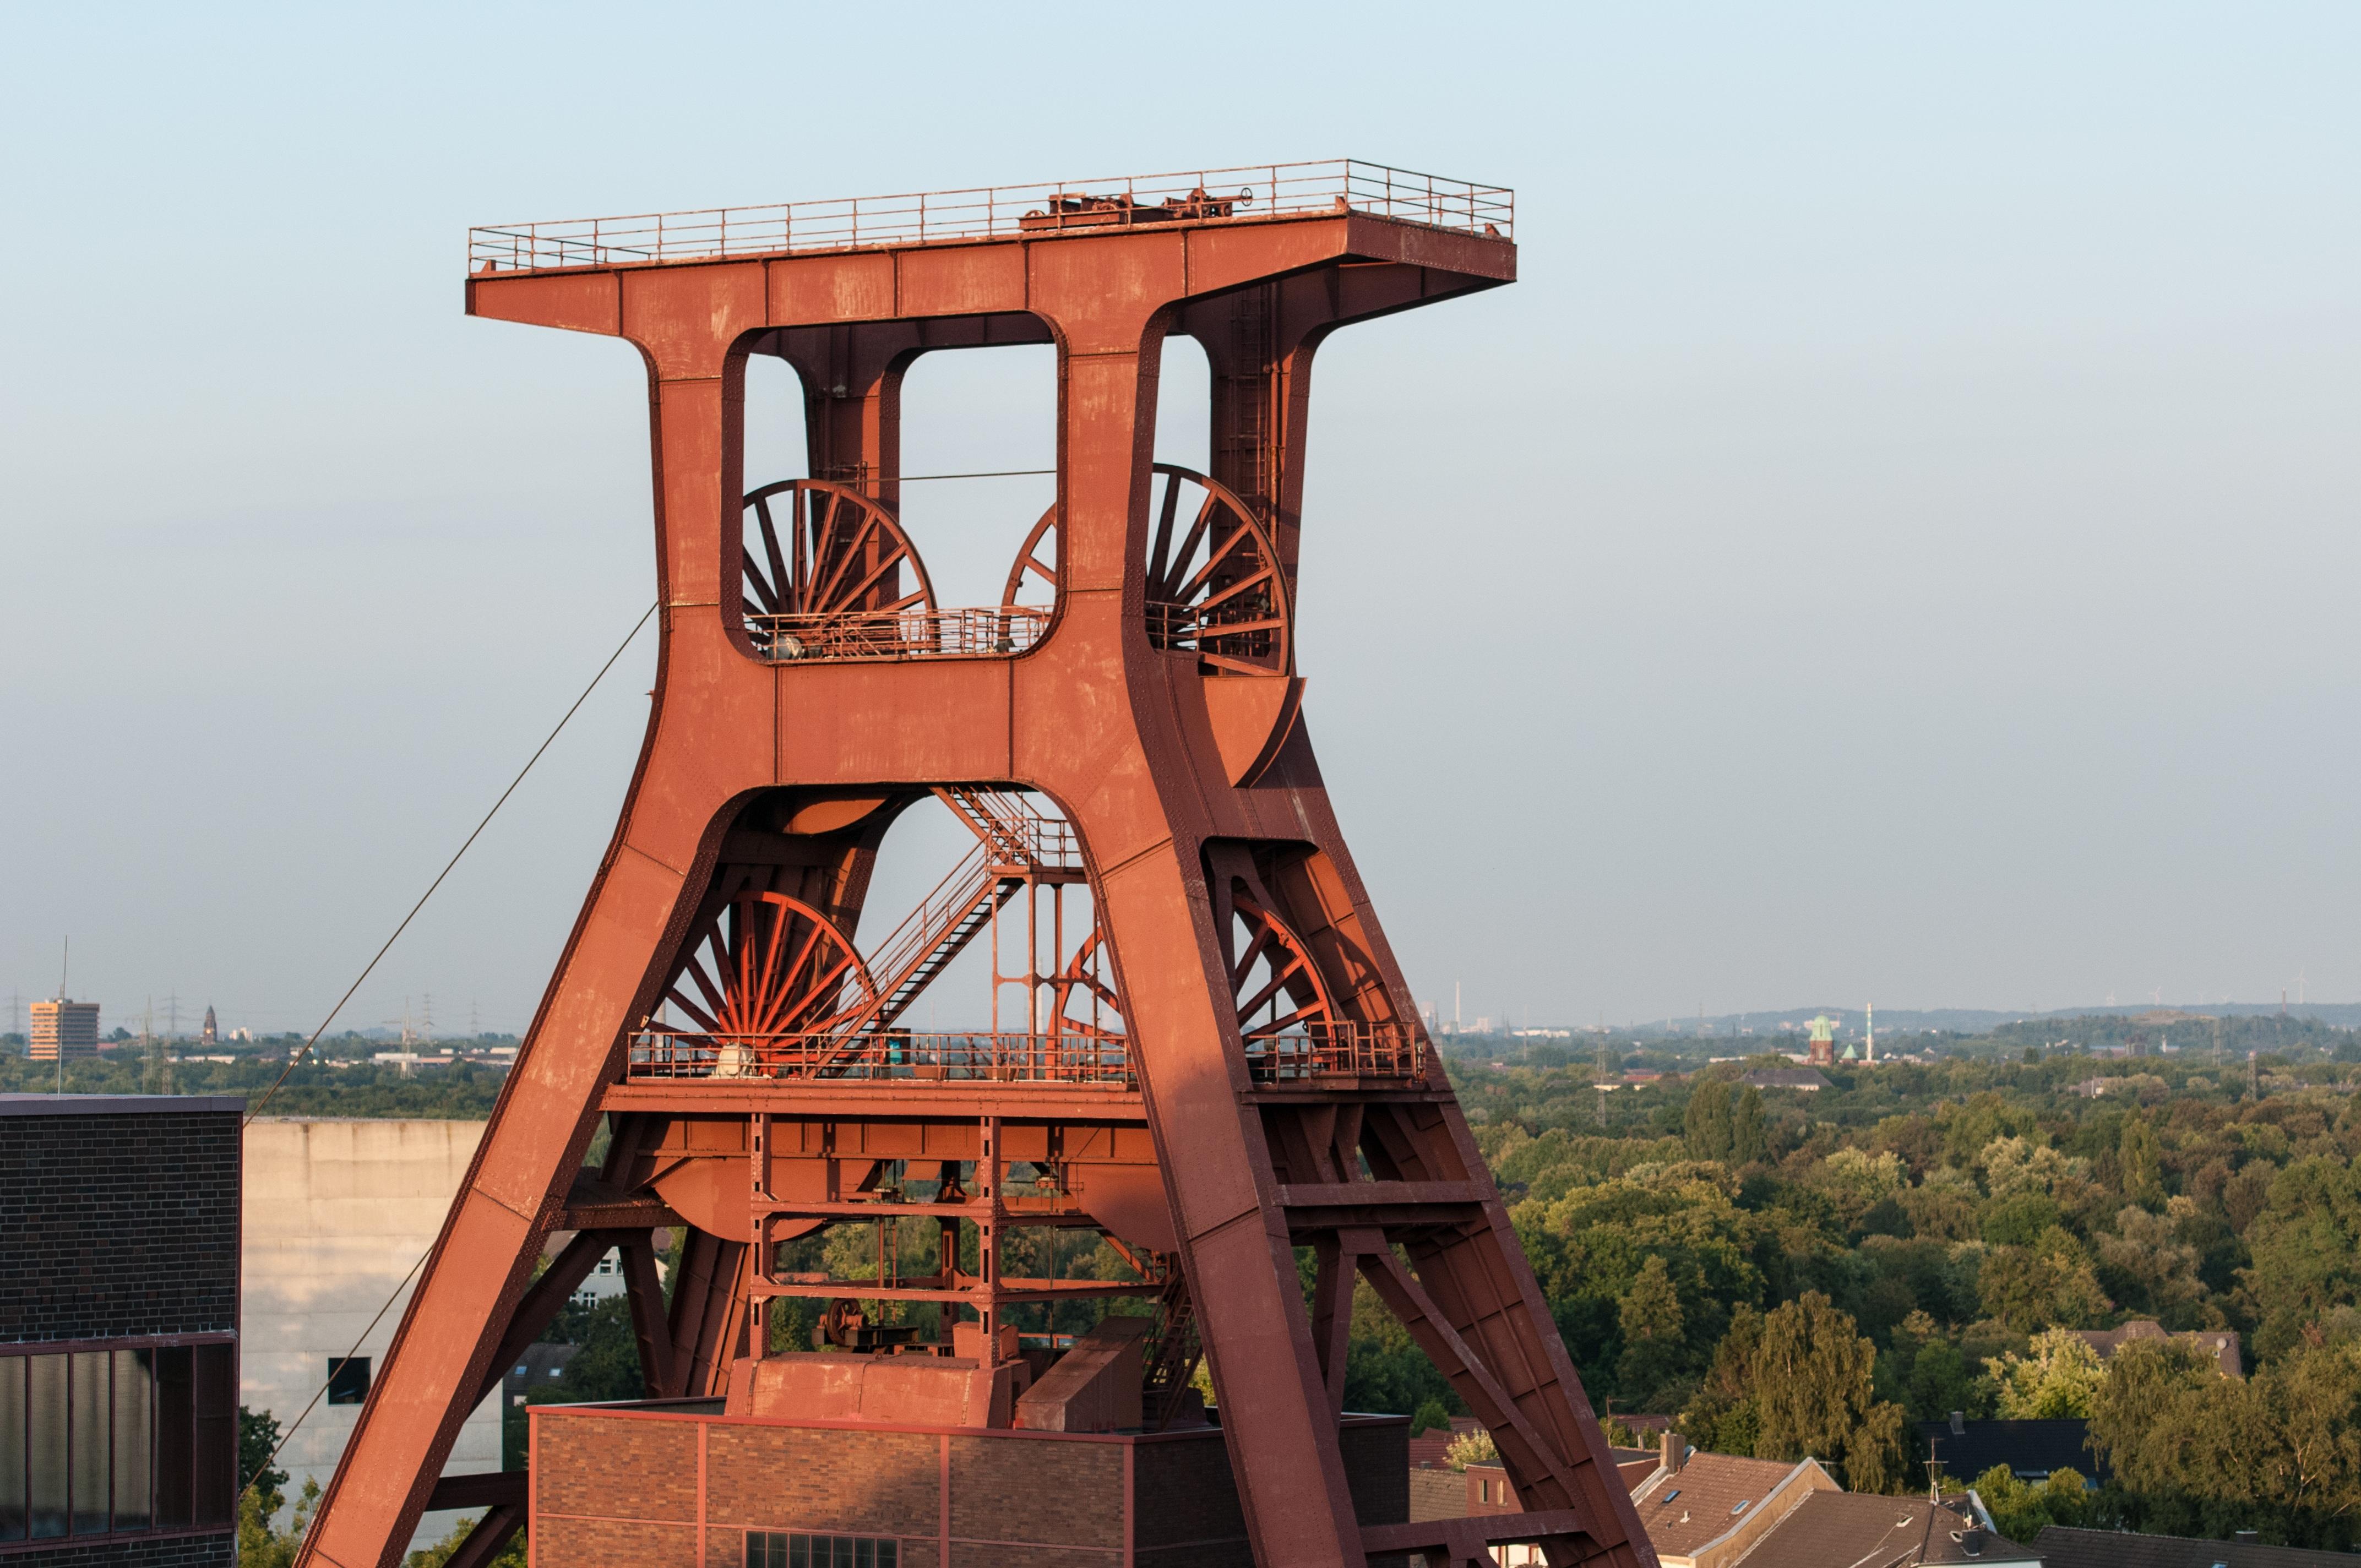 Kostenlose foto : Gebäude, Fahrzeug, Turm, Industrie, Attraktion ...